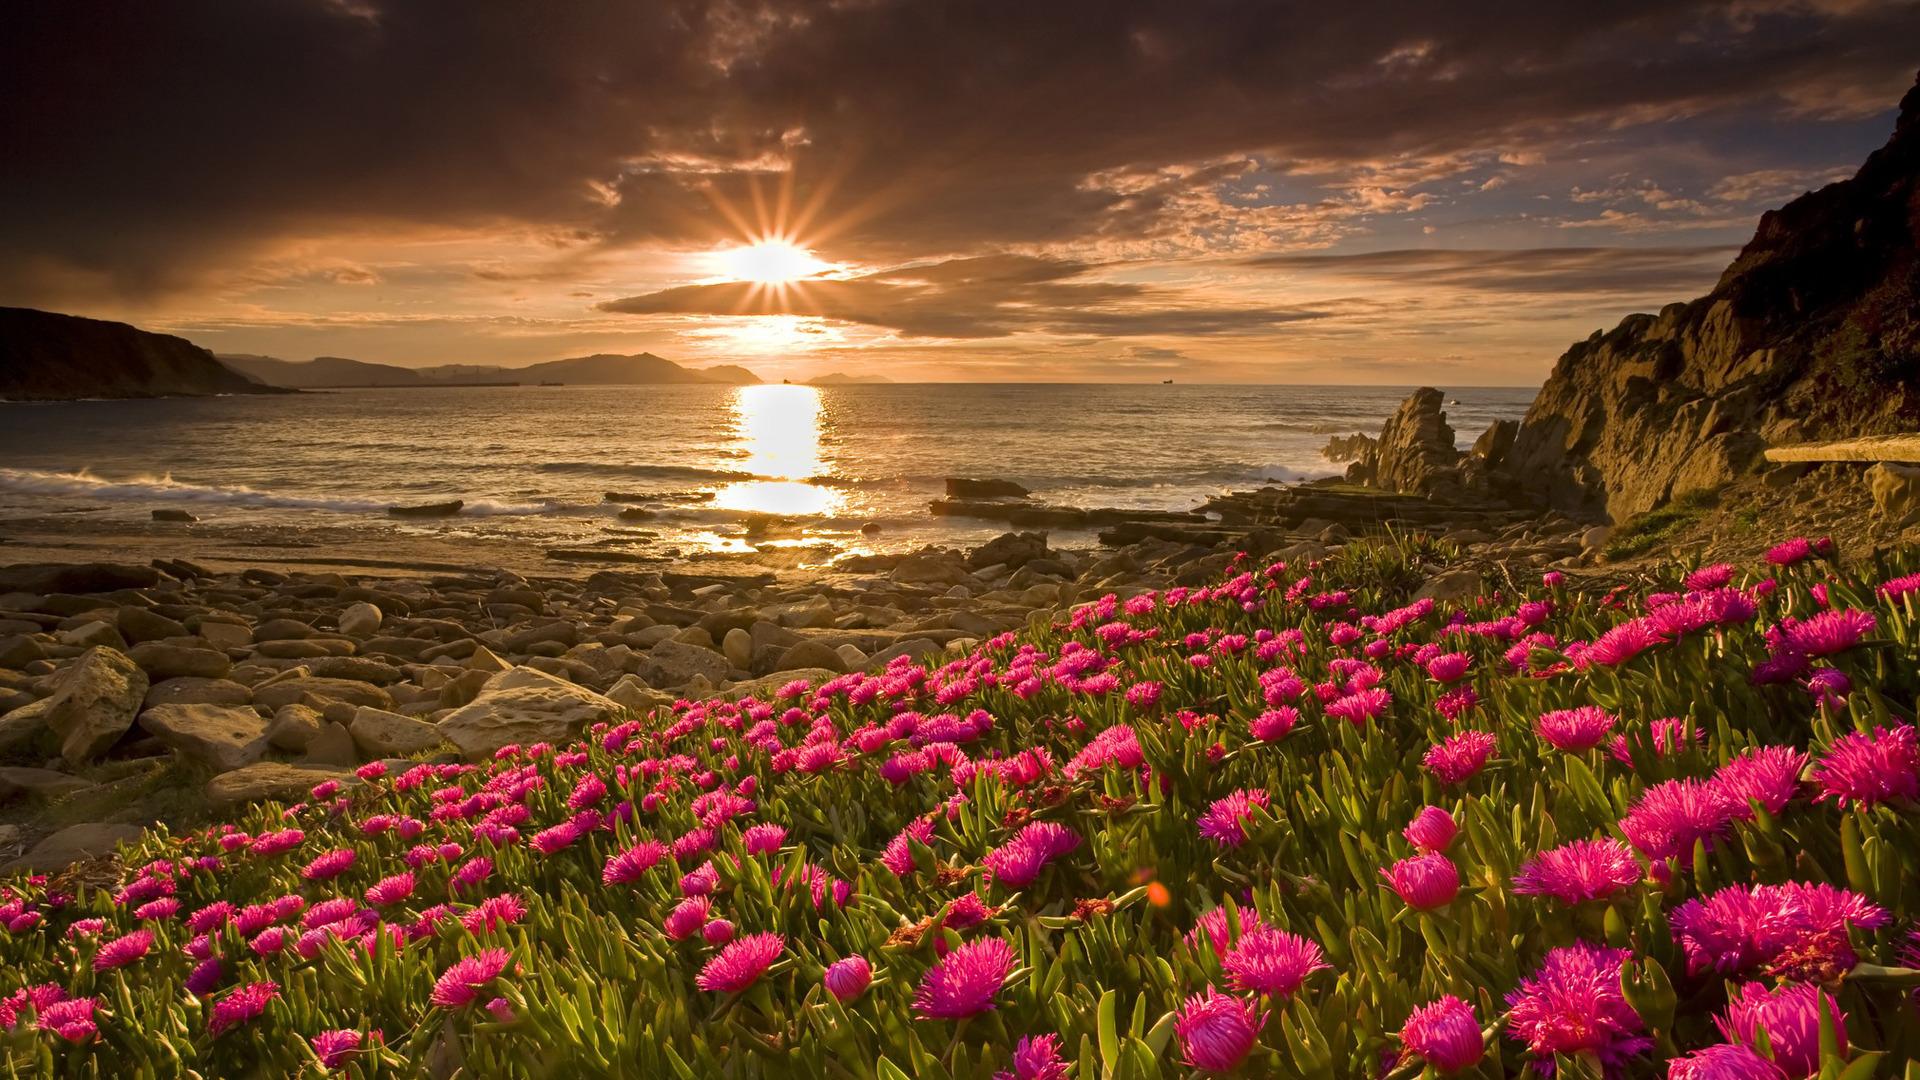 12077 Hintergrundbild herunterladen Pflanzen, Sunset, Blumen, Landschaft, Sun - Bildschirmschoner und Bilder kostenlos